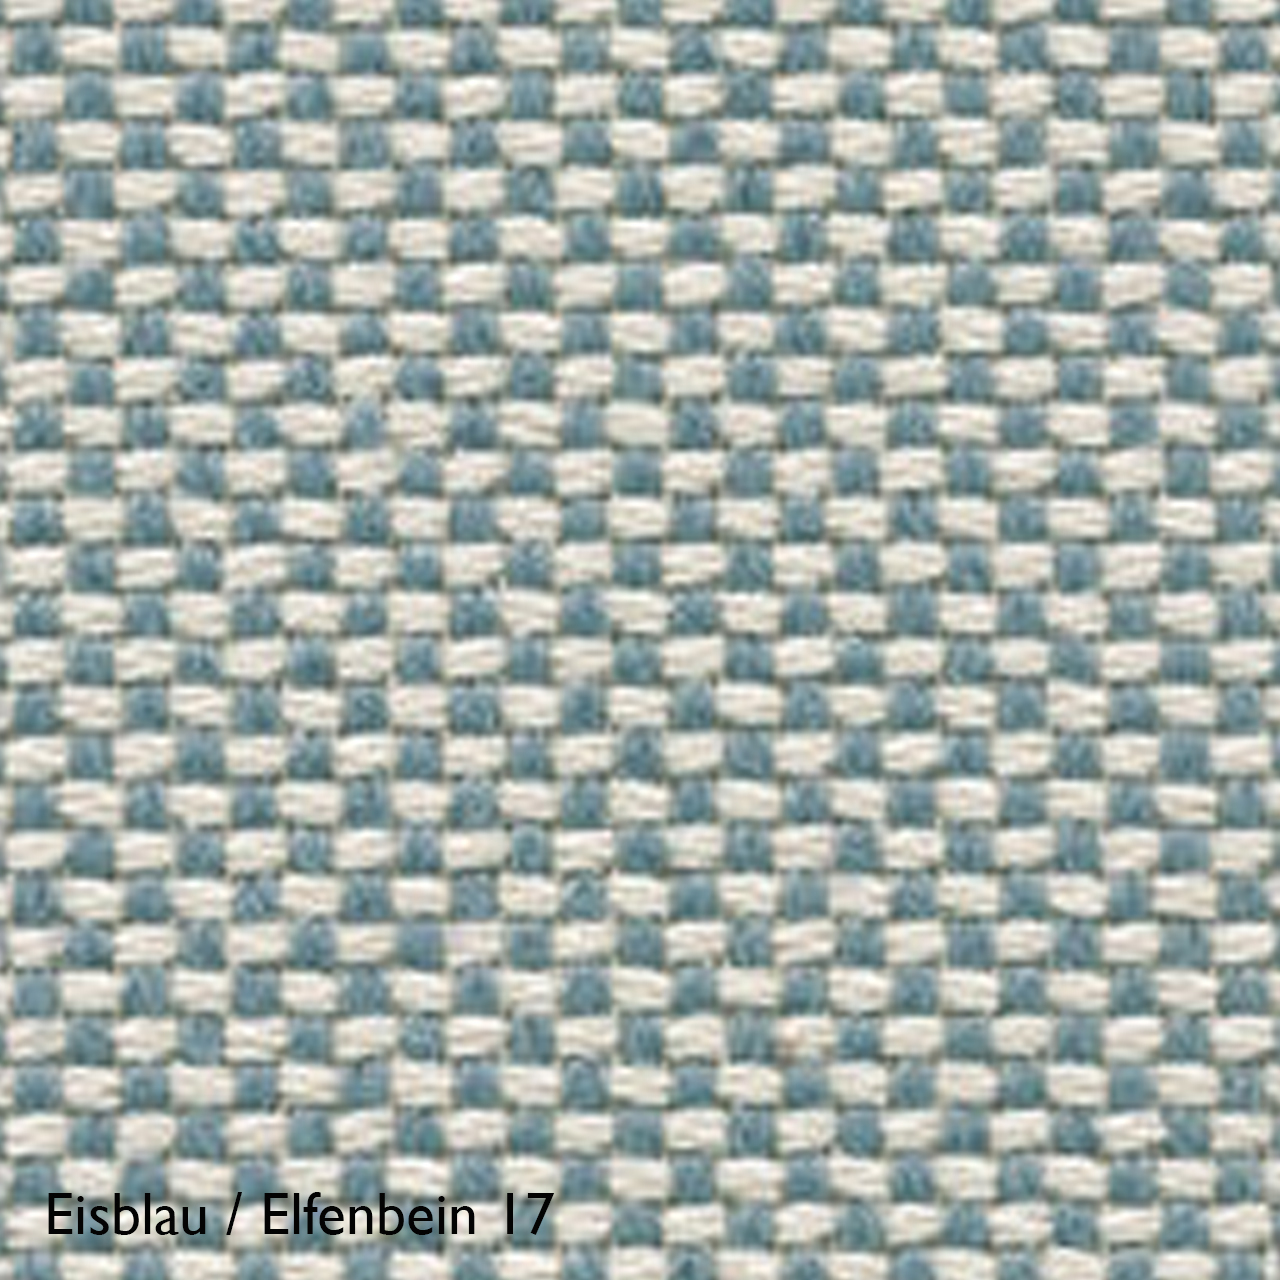 Vitra Farbkachel Eisblau / Elfenbein 17